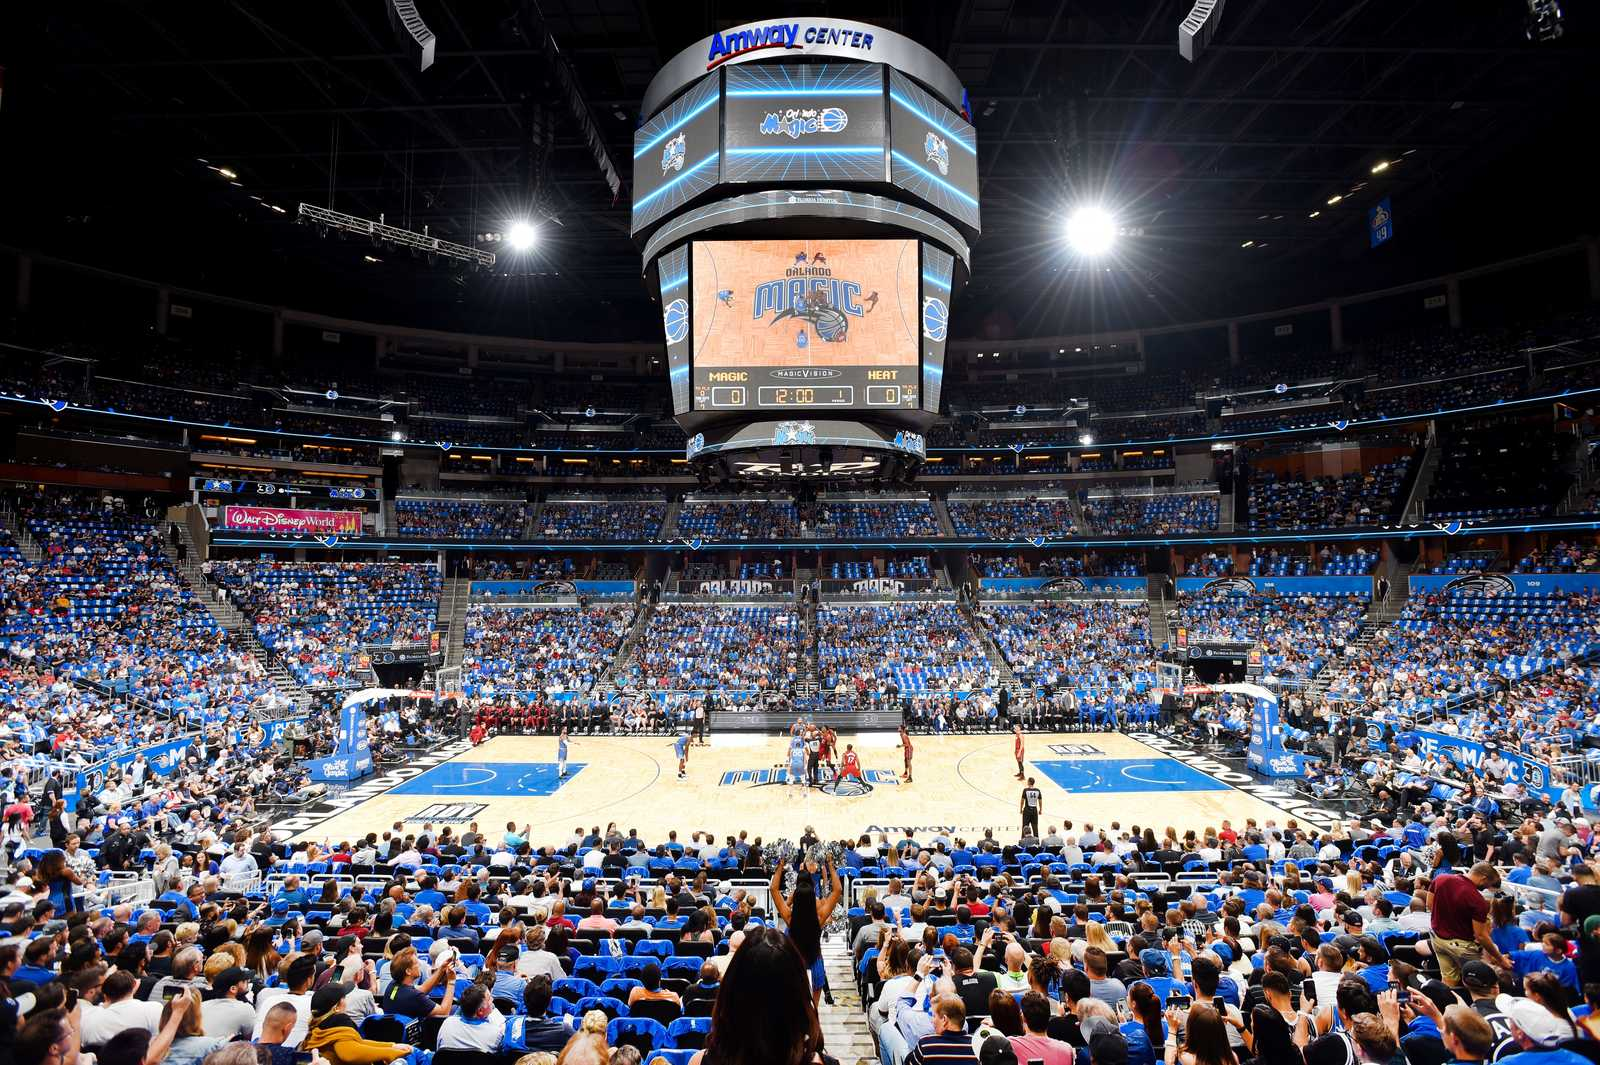 Die Orlando Magic gegen die Miami Heat im Amway Center in Orlando, Florida